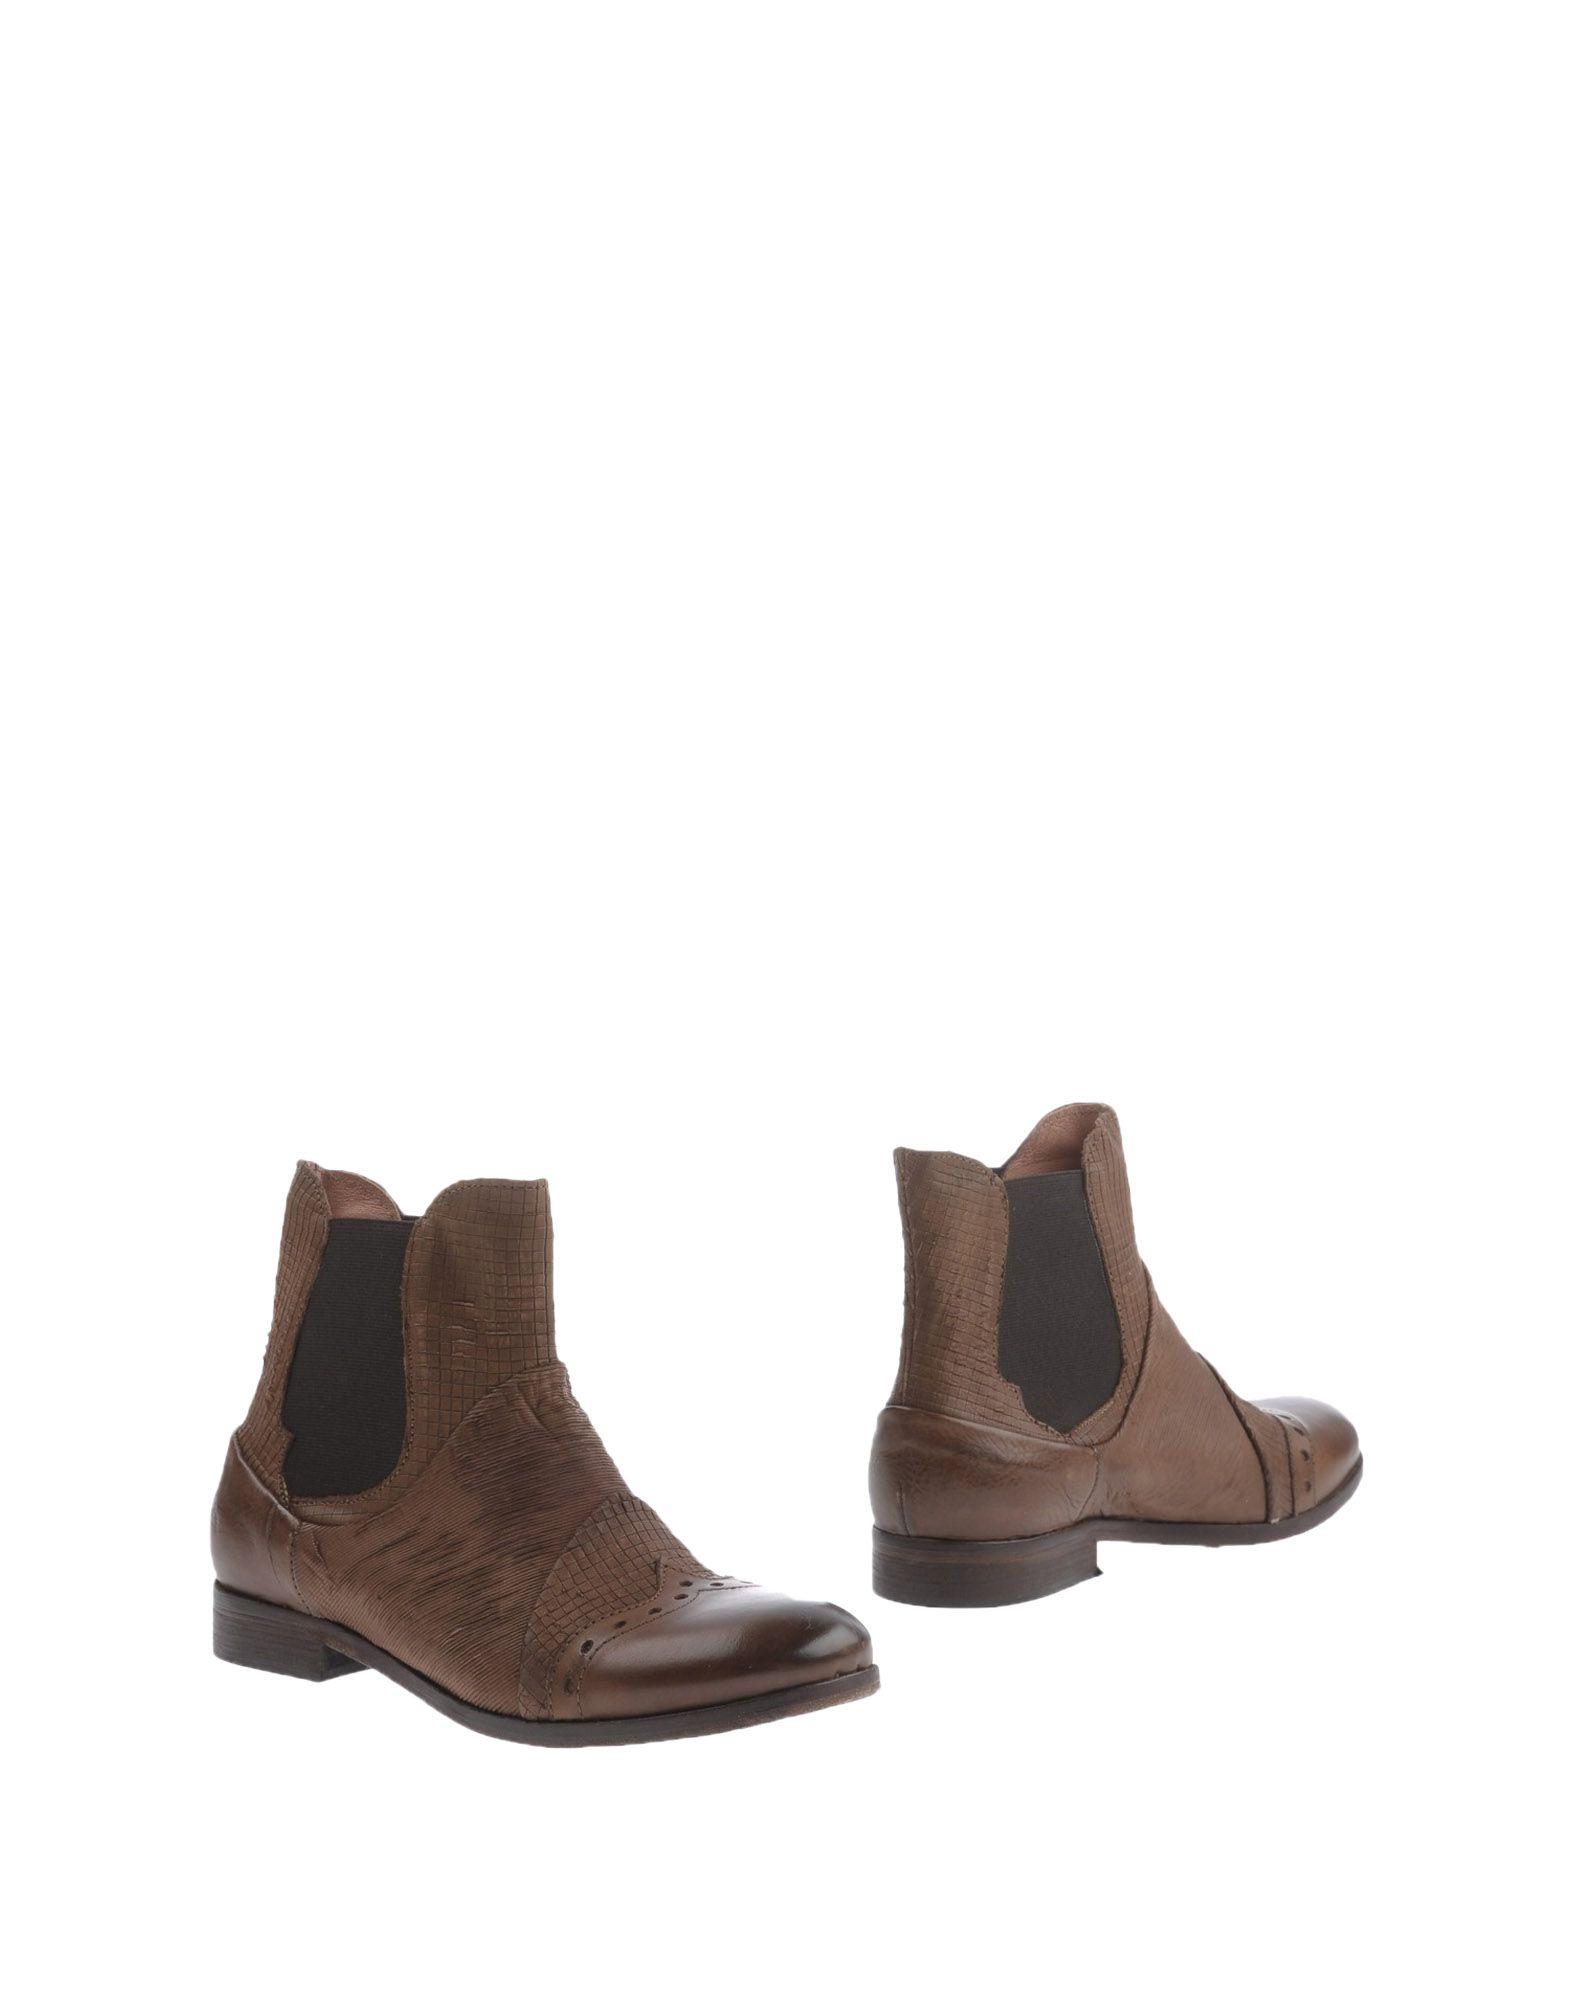 1725.A Полусапоги и высокие ботинки купить футбольную форму челси торрес